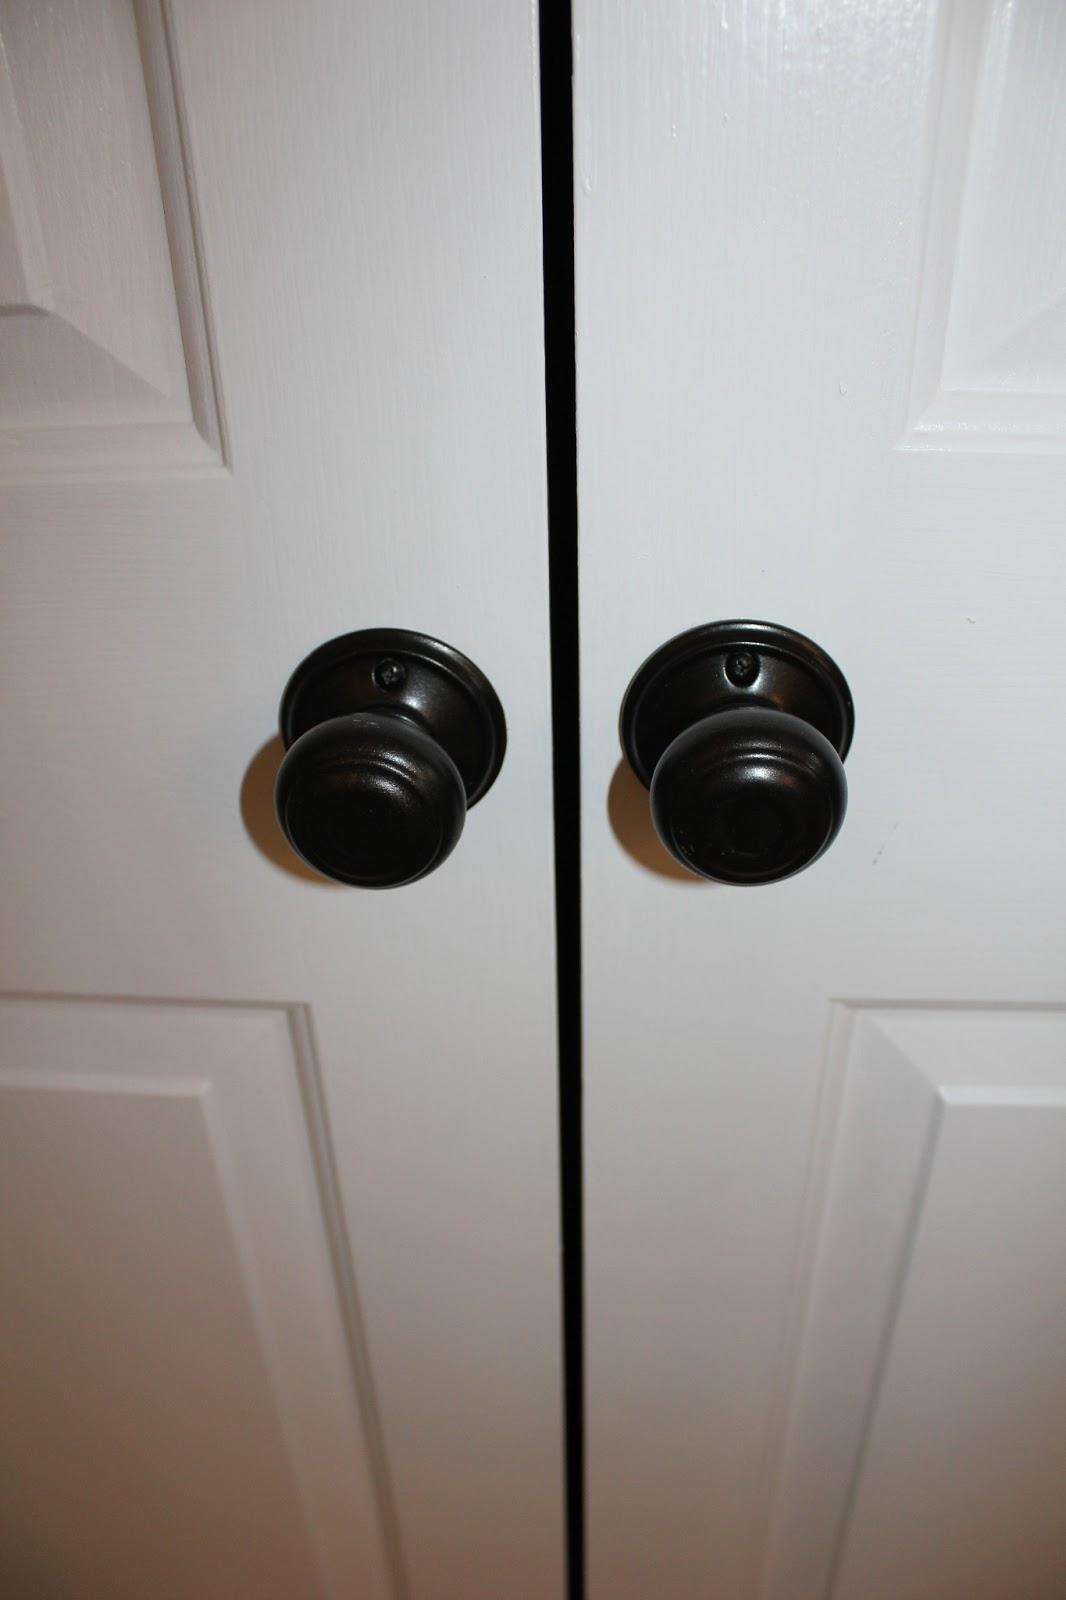 closet door knobs photo - 1